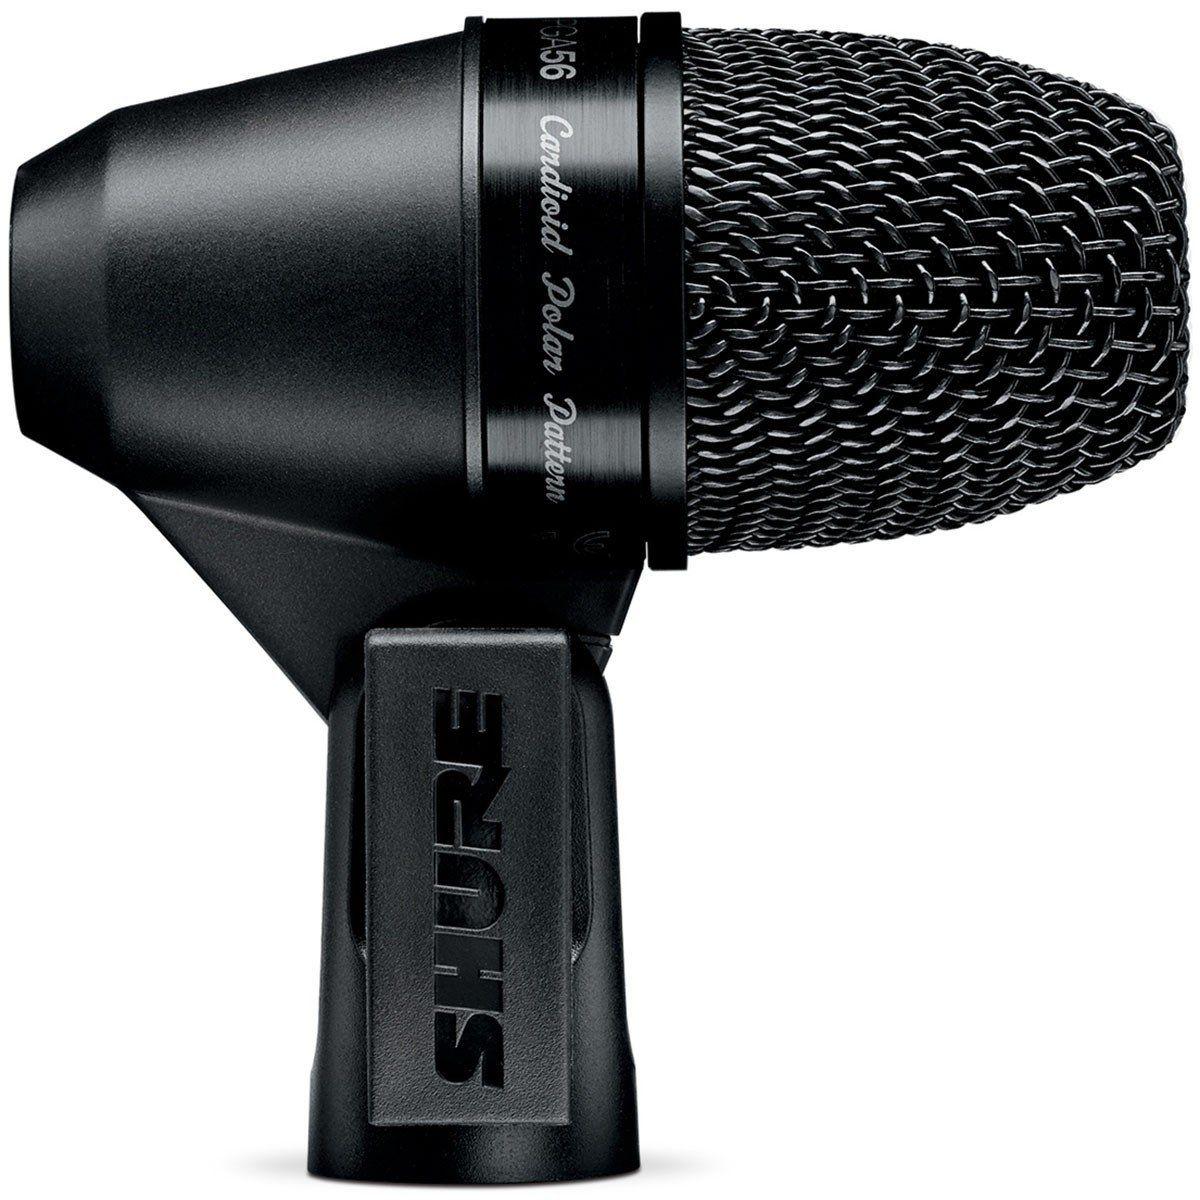 Shure PGA56 Microfone Cardioide Shure-PGA56 para Bateria